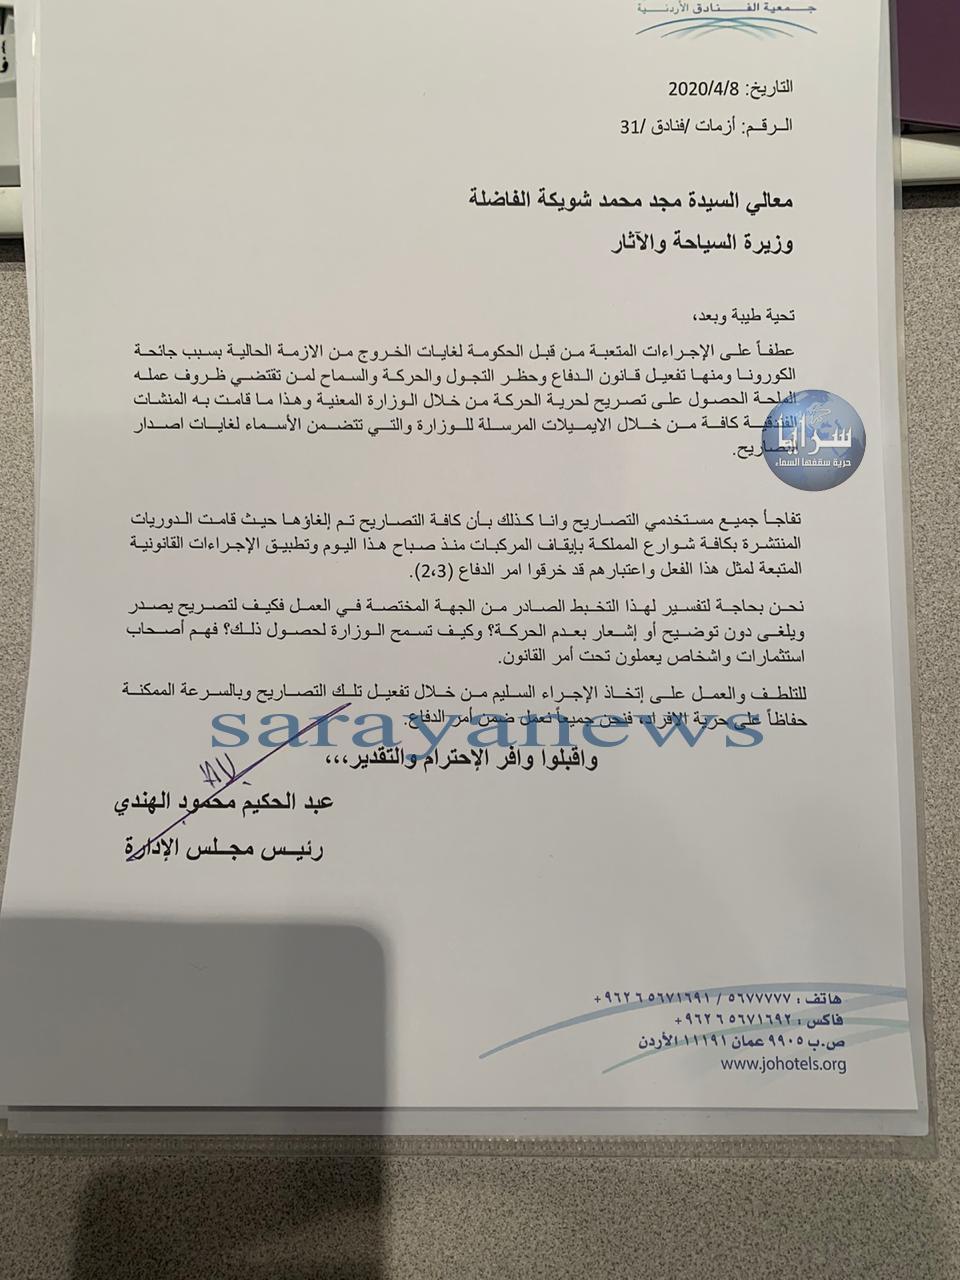 عشرات الموظفين في فنادق المملكة موقوفون لخرق حظر التجول و السبب تخبط وزارتي السياحة و الريادة - وثيقة